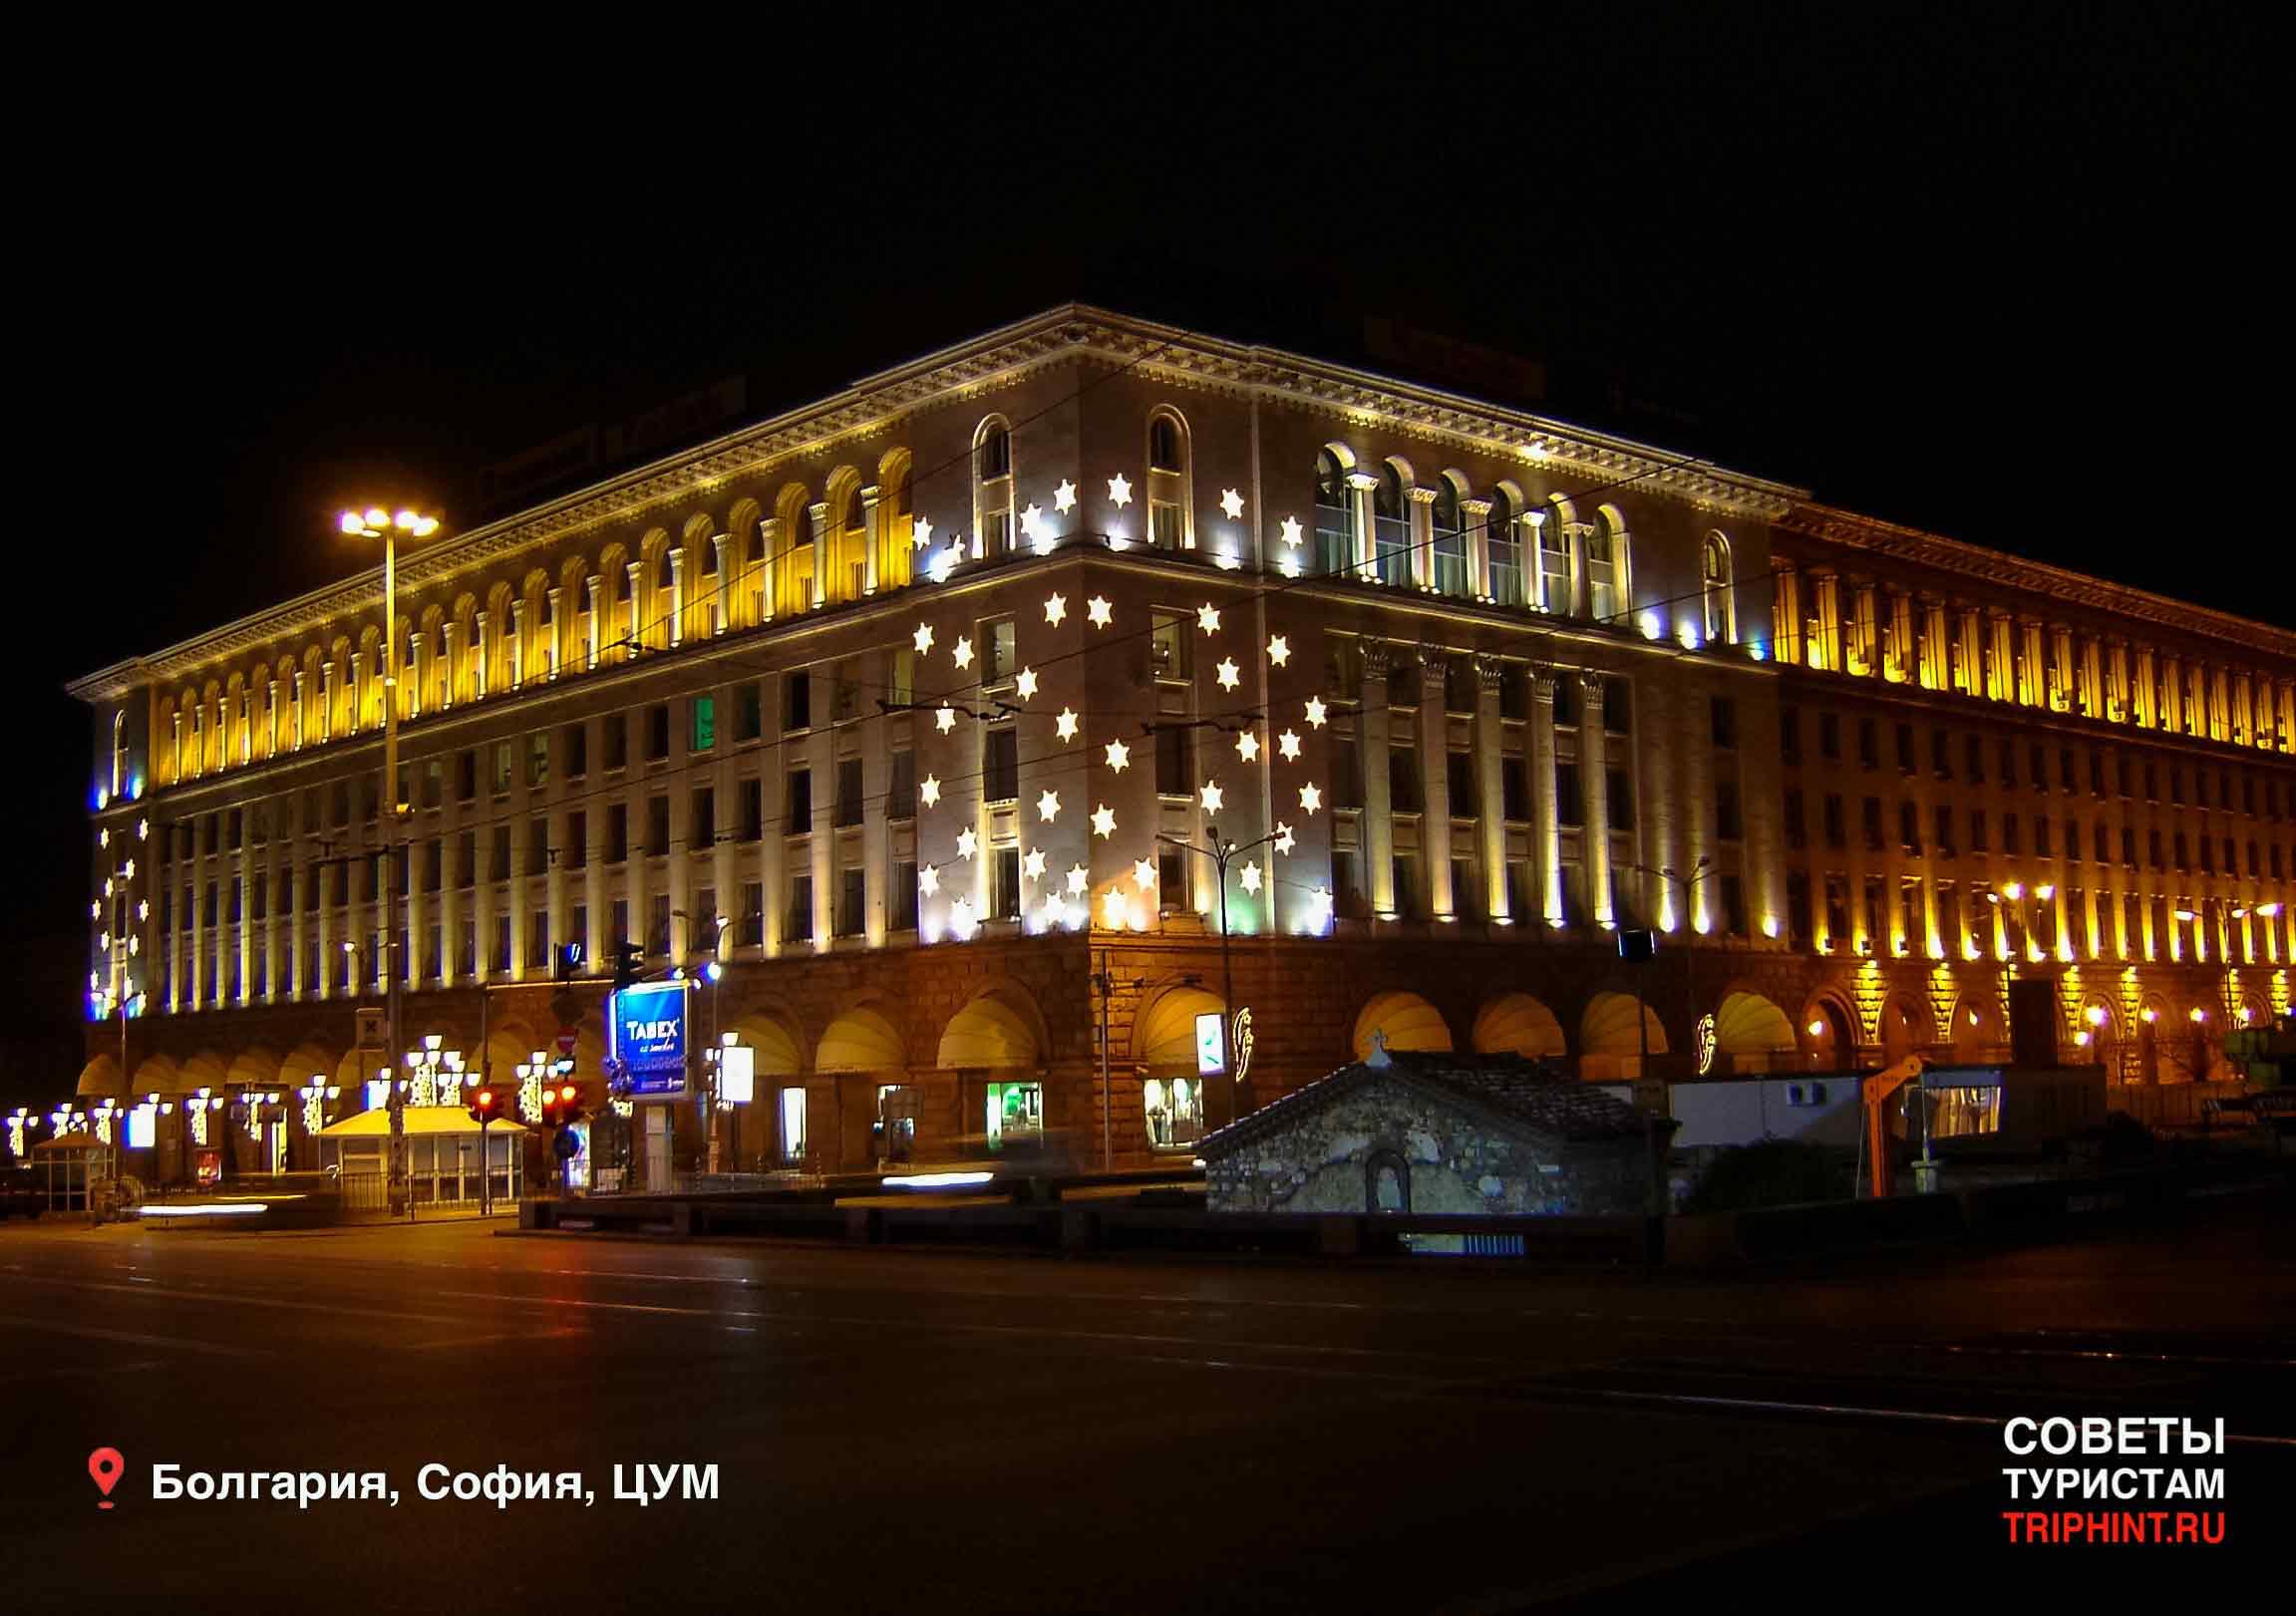 Новый год в Болгарии - ЦУМ